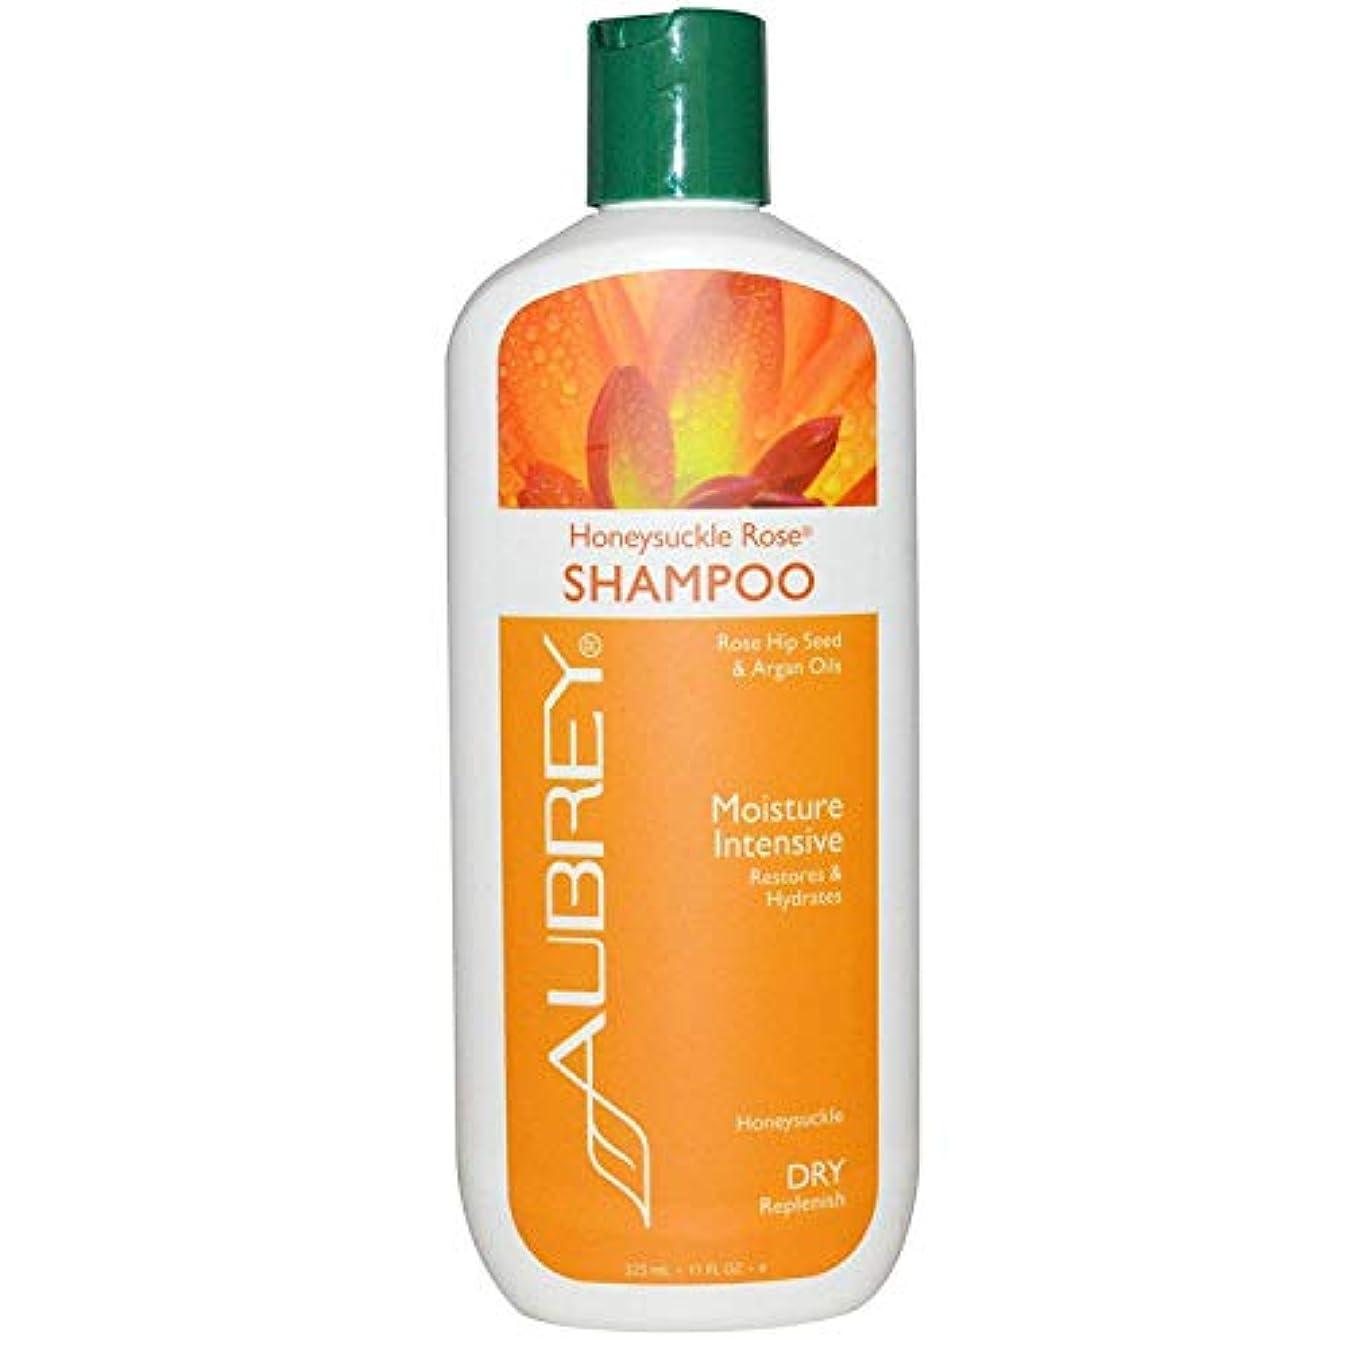 海外直送品 Aubrey Organics, Honeysuckle Rose(ハニーサックル?ローズ)シャンプー、潤い集中、ドライヘア用、11液量オンス(325 ml) [並行輸入品]